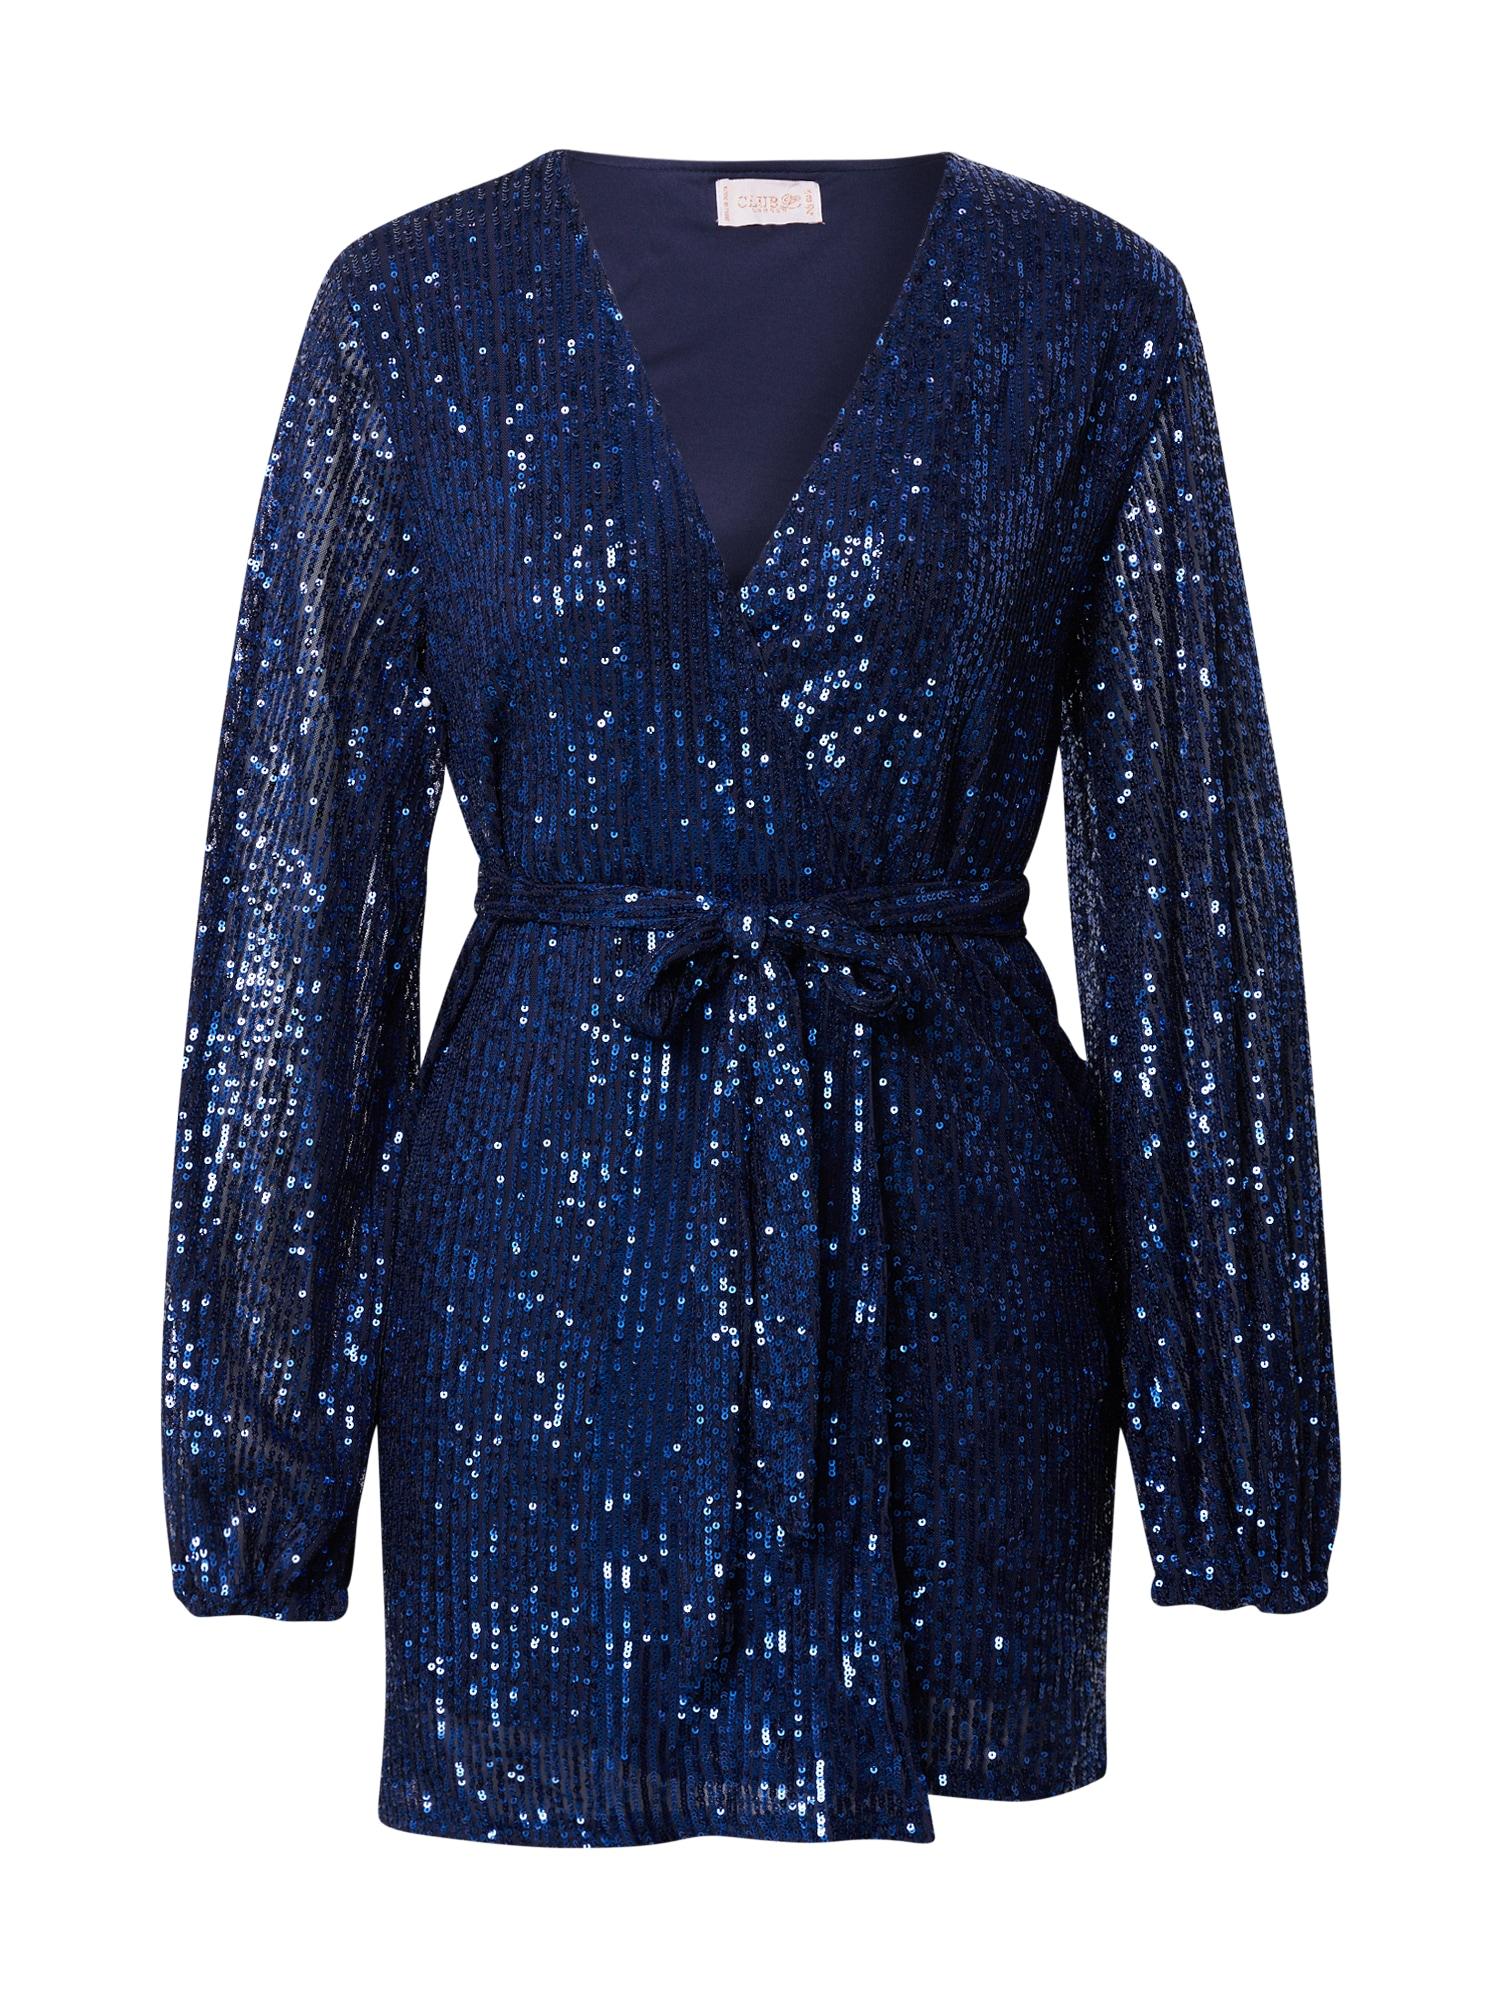 CLUB L LONDON Kokteilinė suknelė tamsiai mėlyna